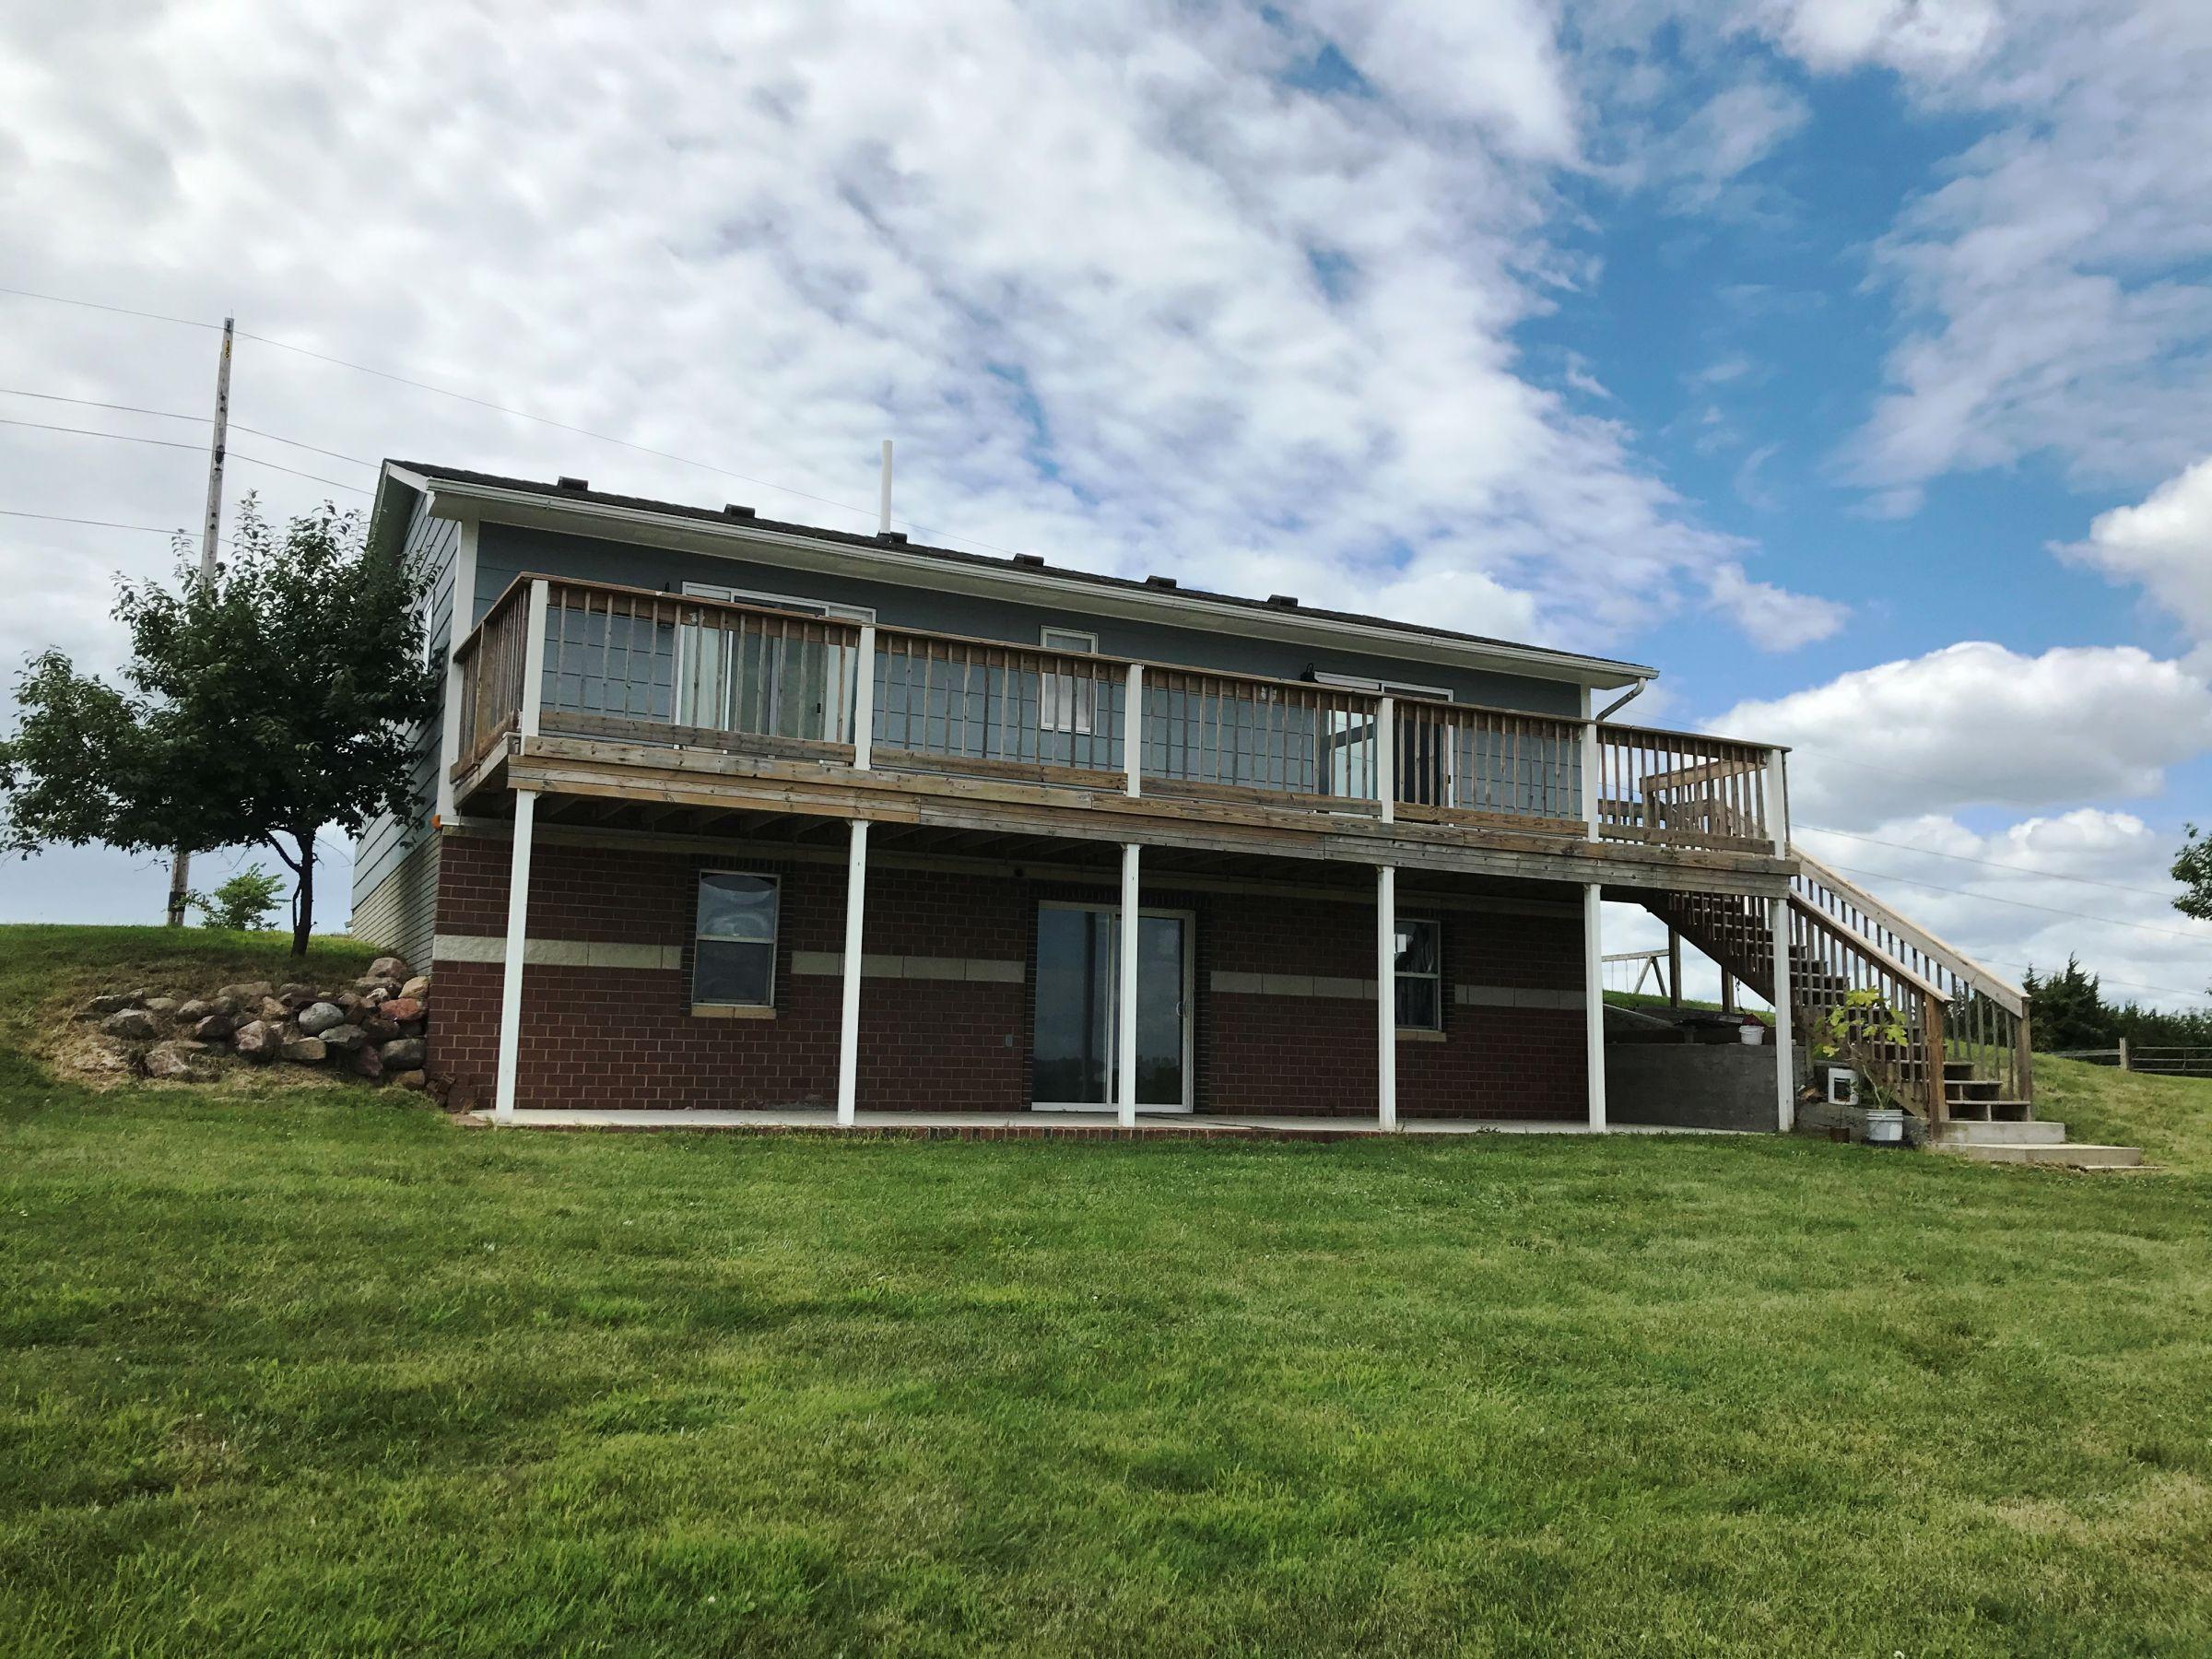 warren-county-iowa-0-acres-listing-number-15104-9-2020-08-05-204956.JPG